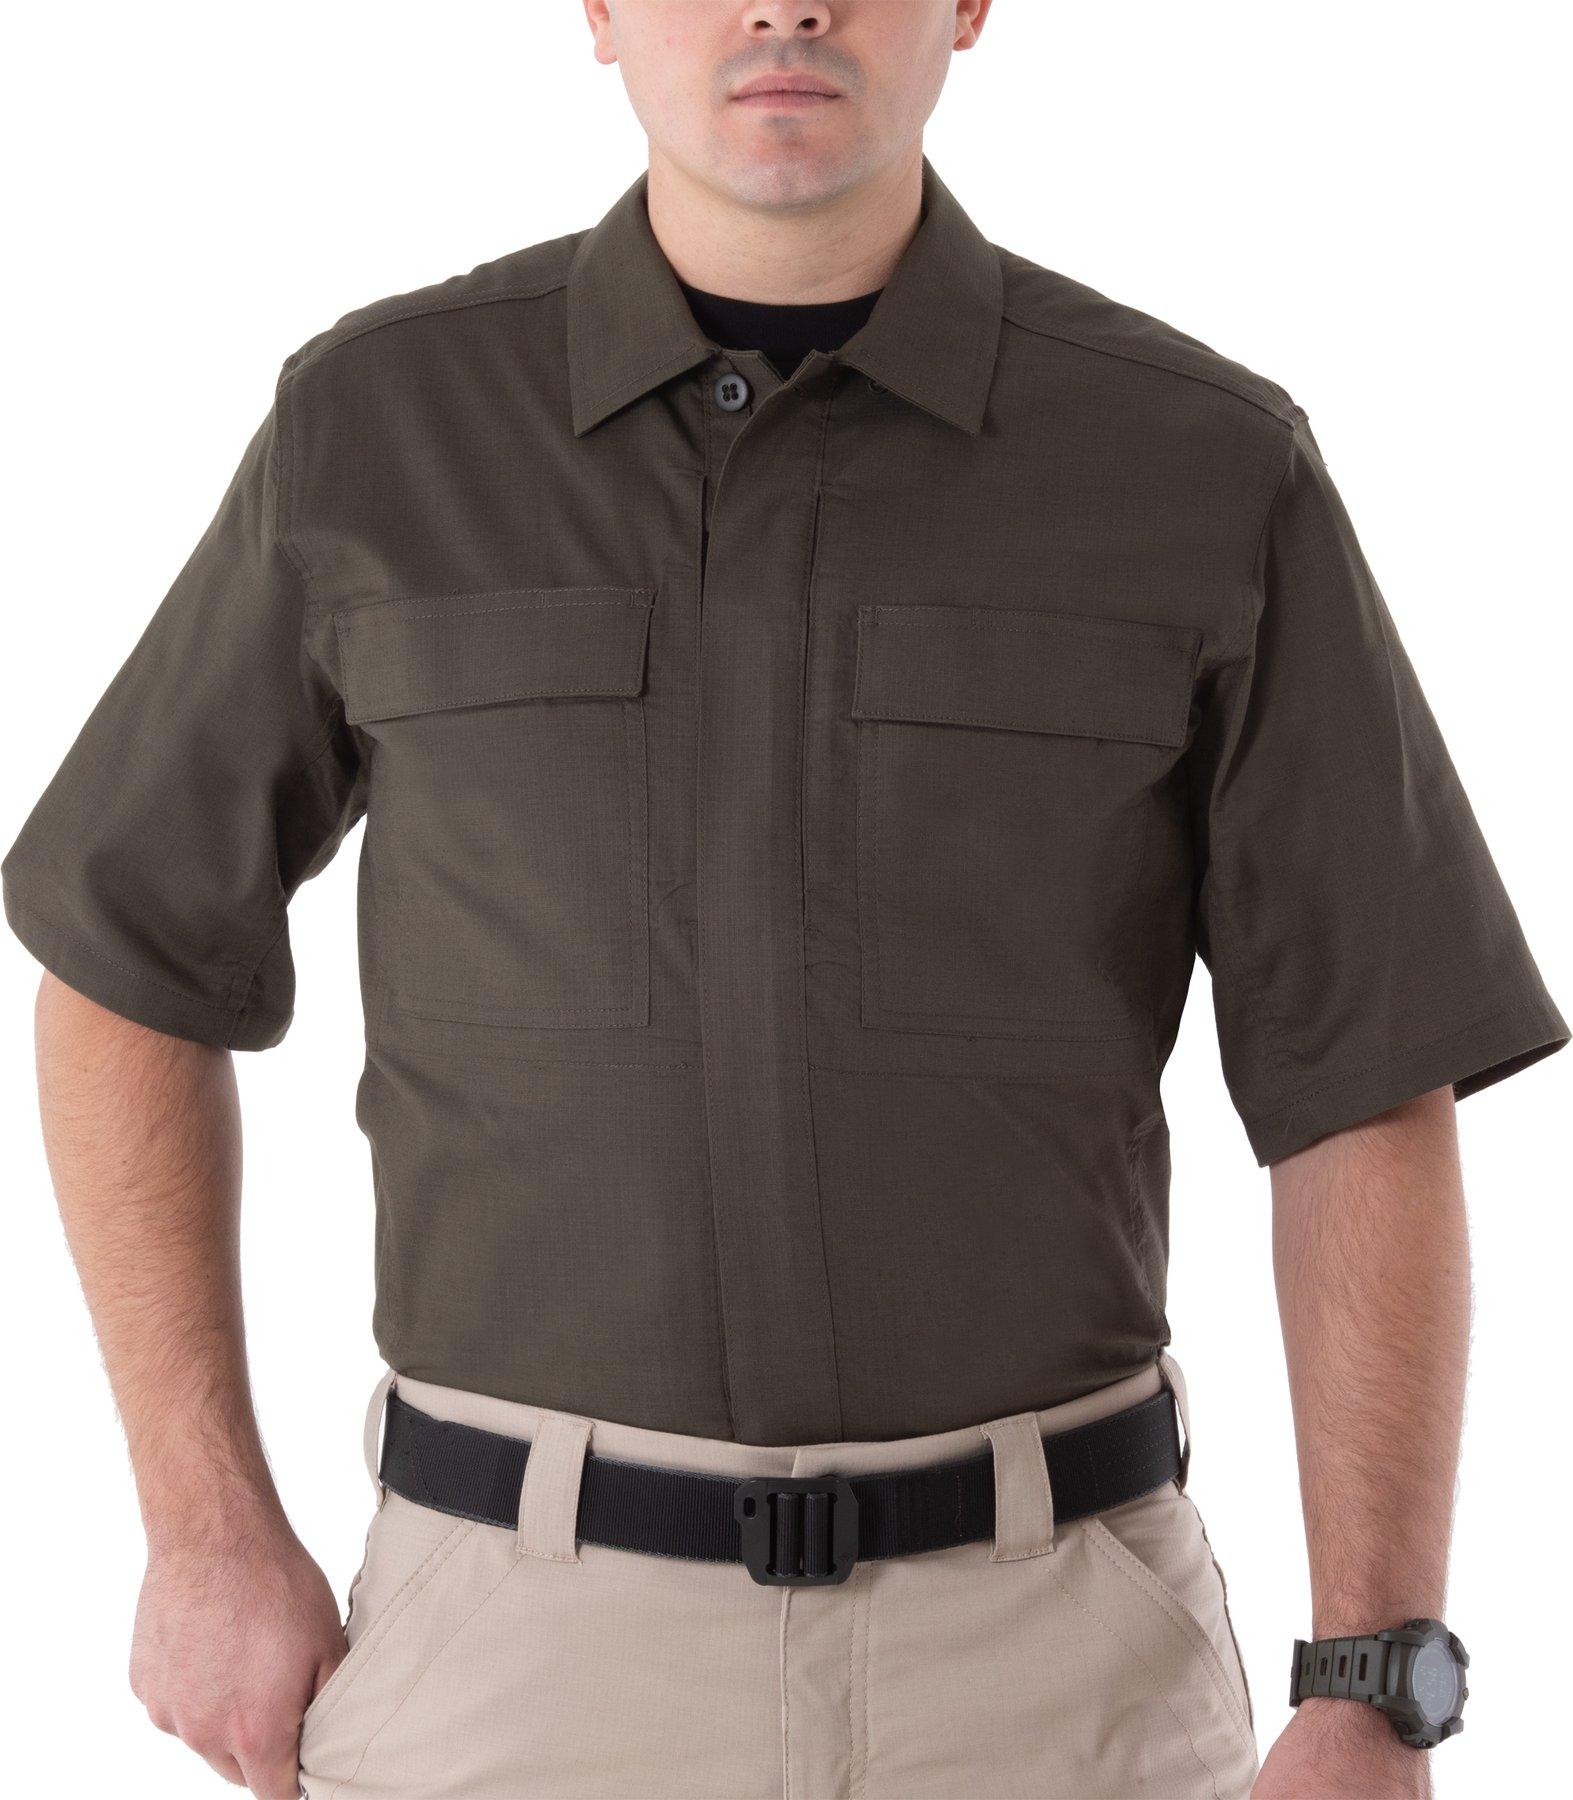 MEN'S V2 BDU SHORT SLEEVE SHIRT-First Tactical